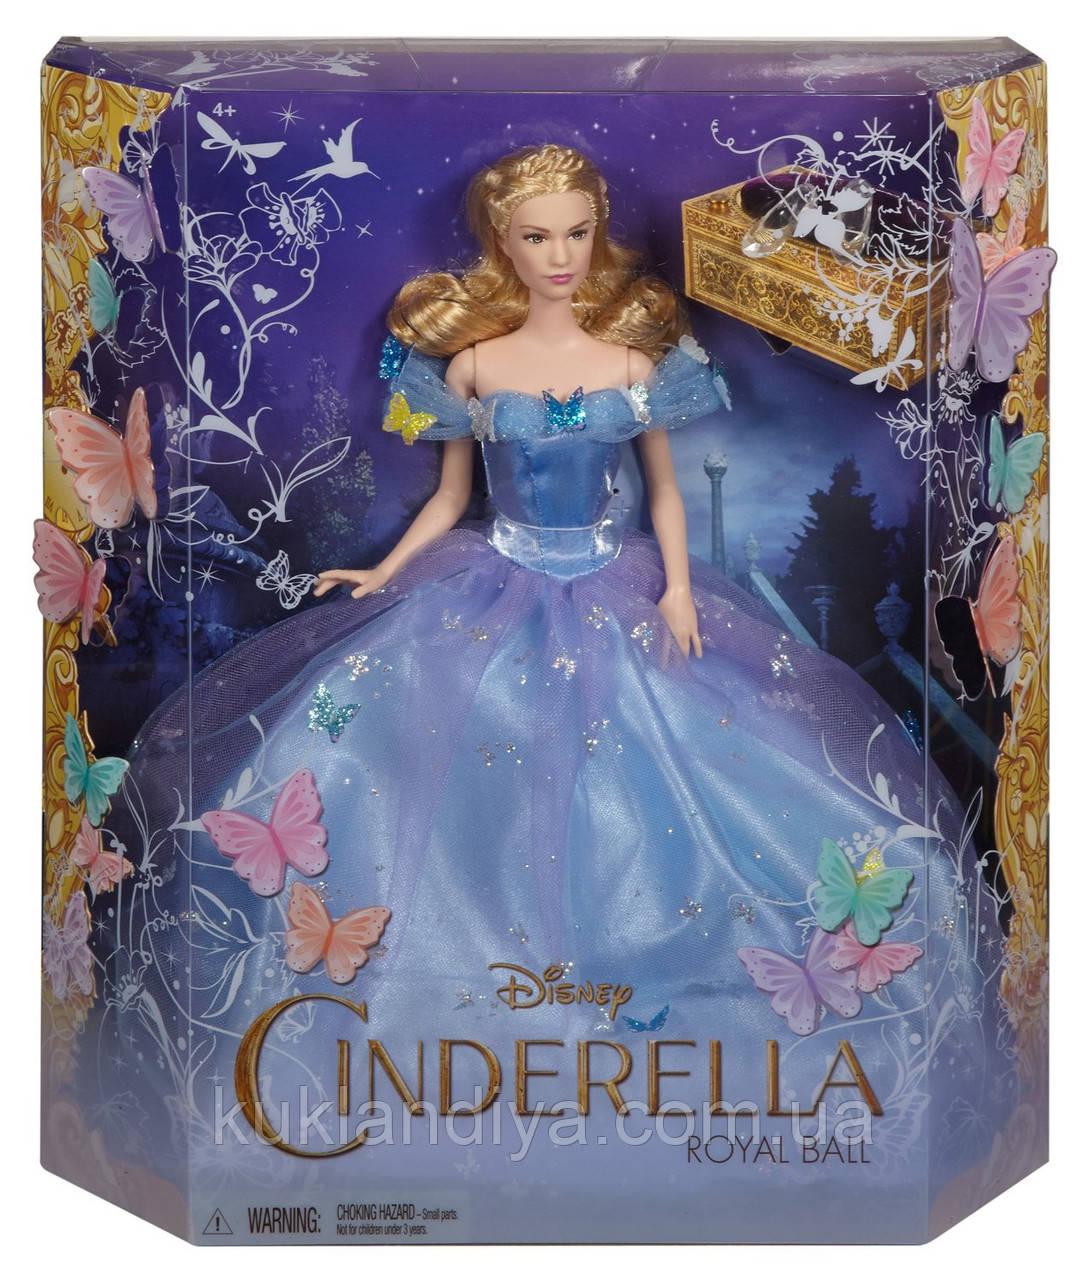 Кукла Золушка в бальном наряде DisneyRoyal Ball Cinderella